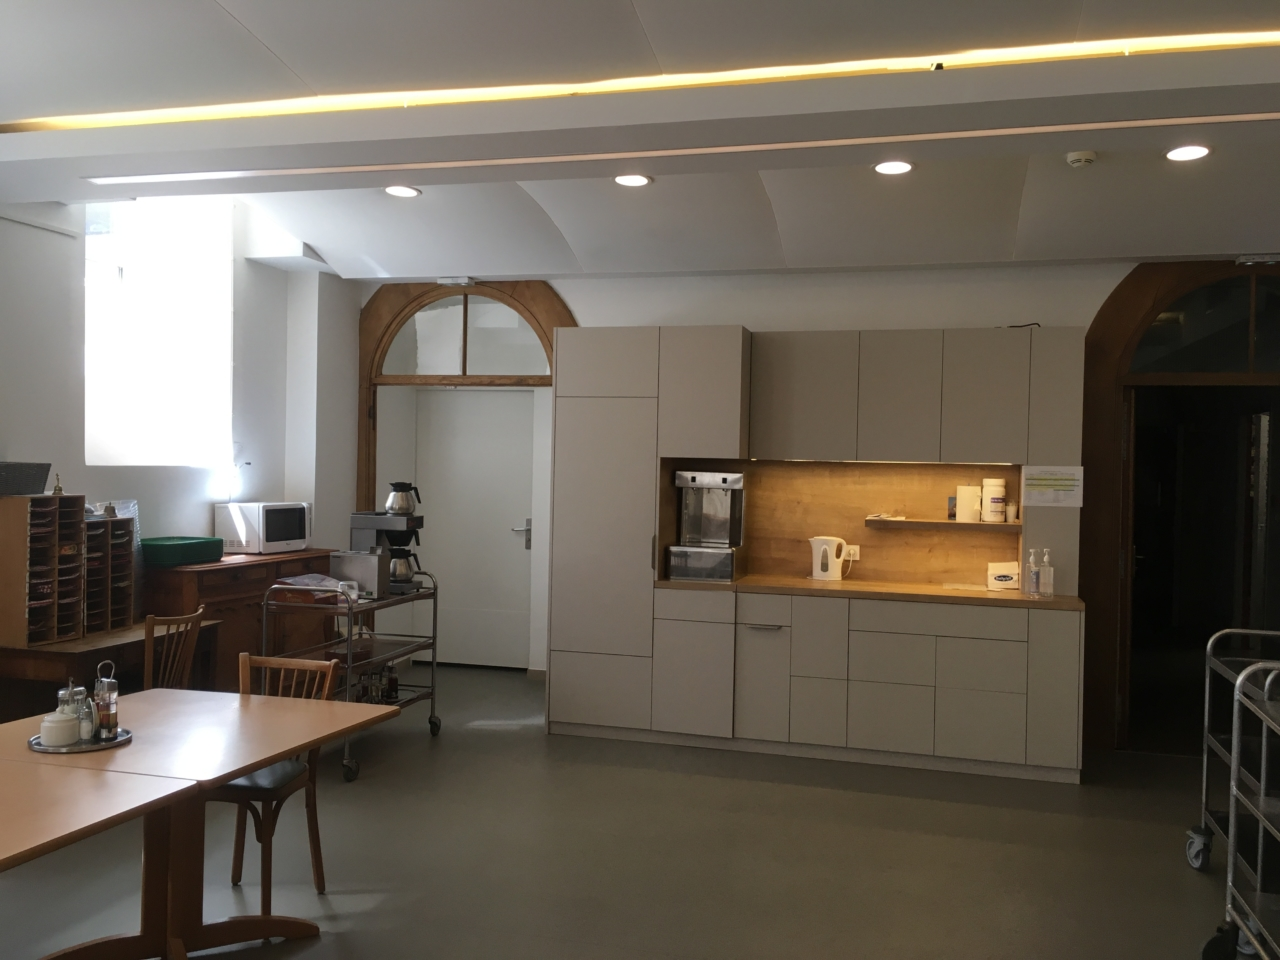 Rénovation d'une salle à manger d'un EHPAD